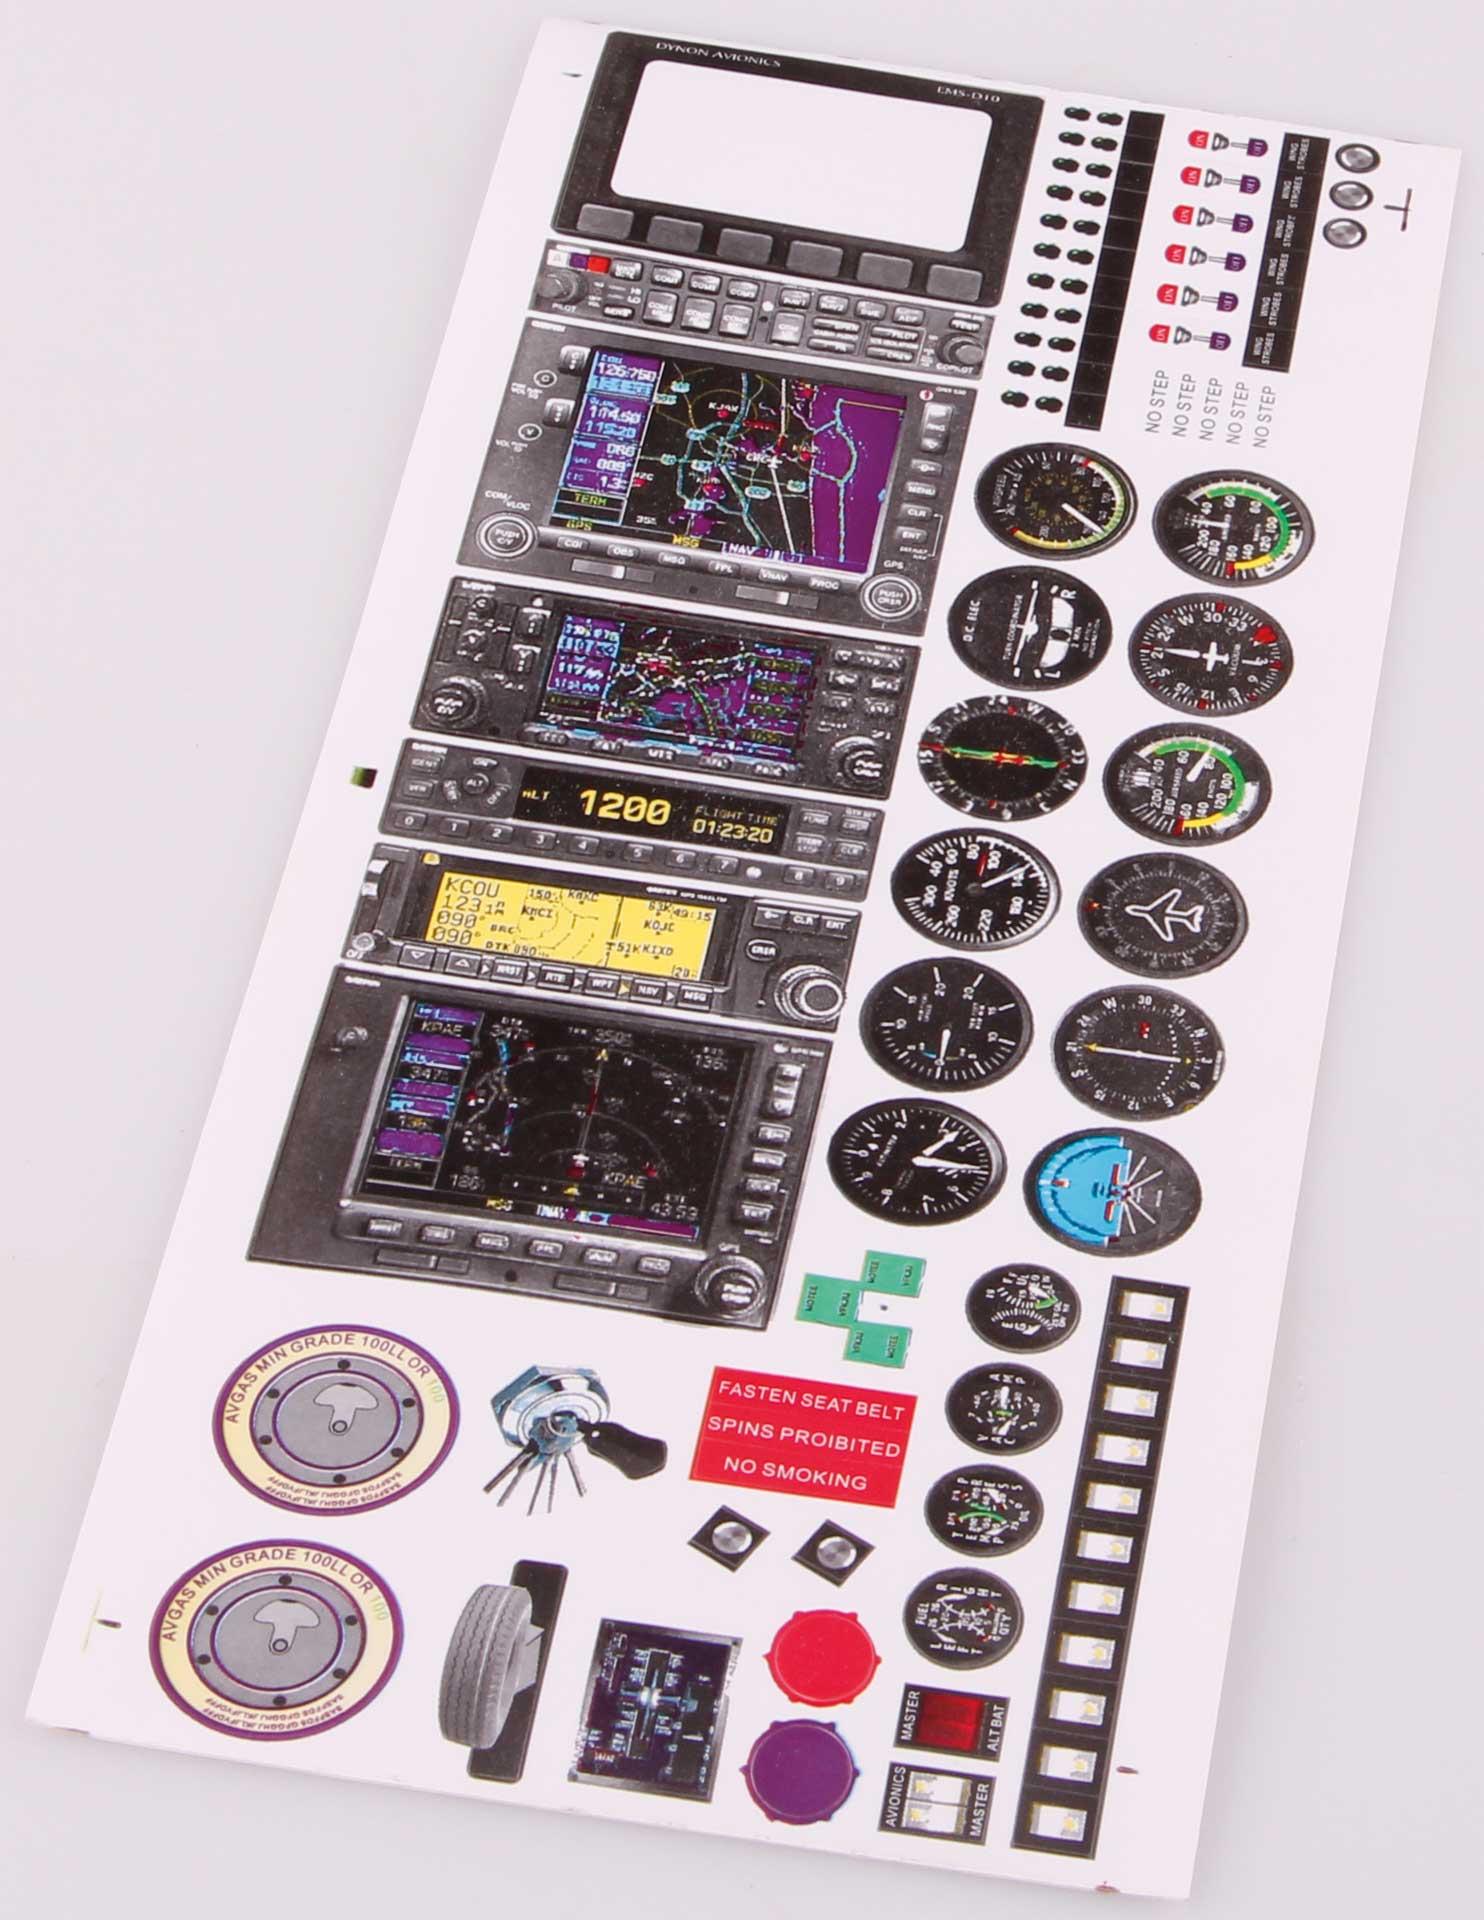 Extron Dekorset für Cockpit-Instrumente V1